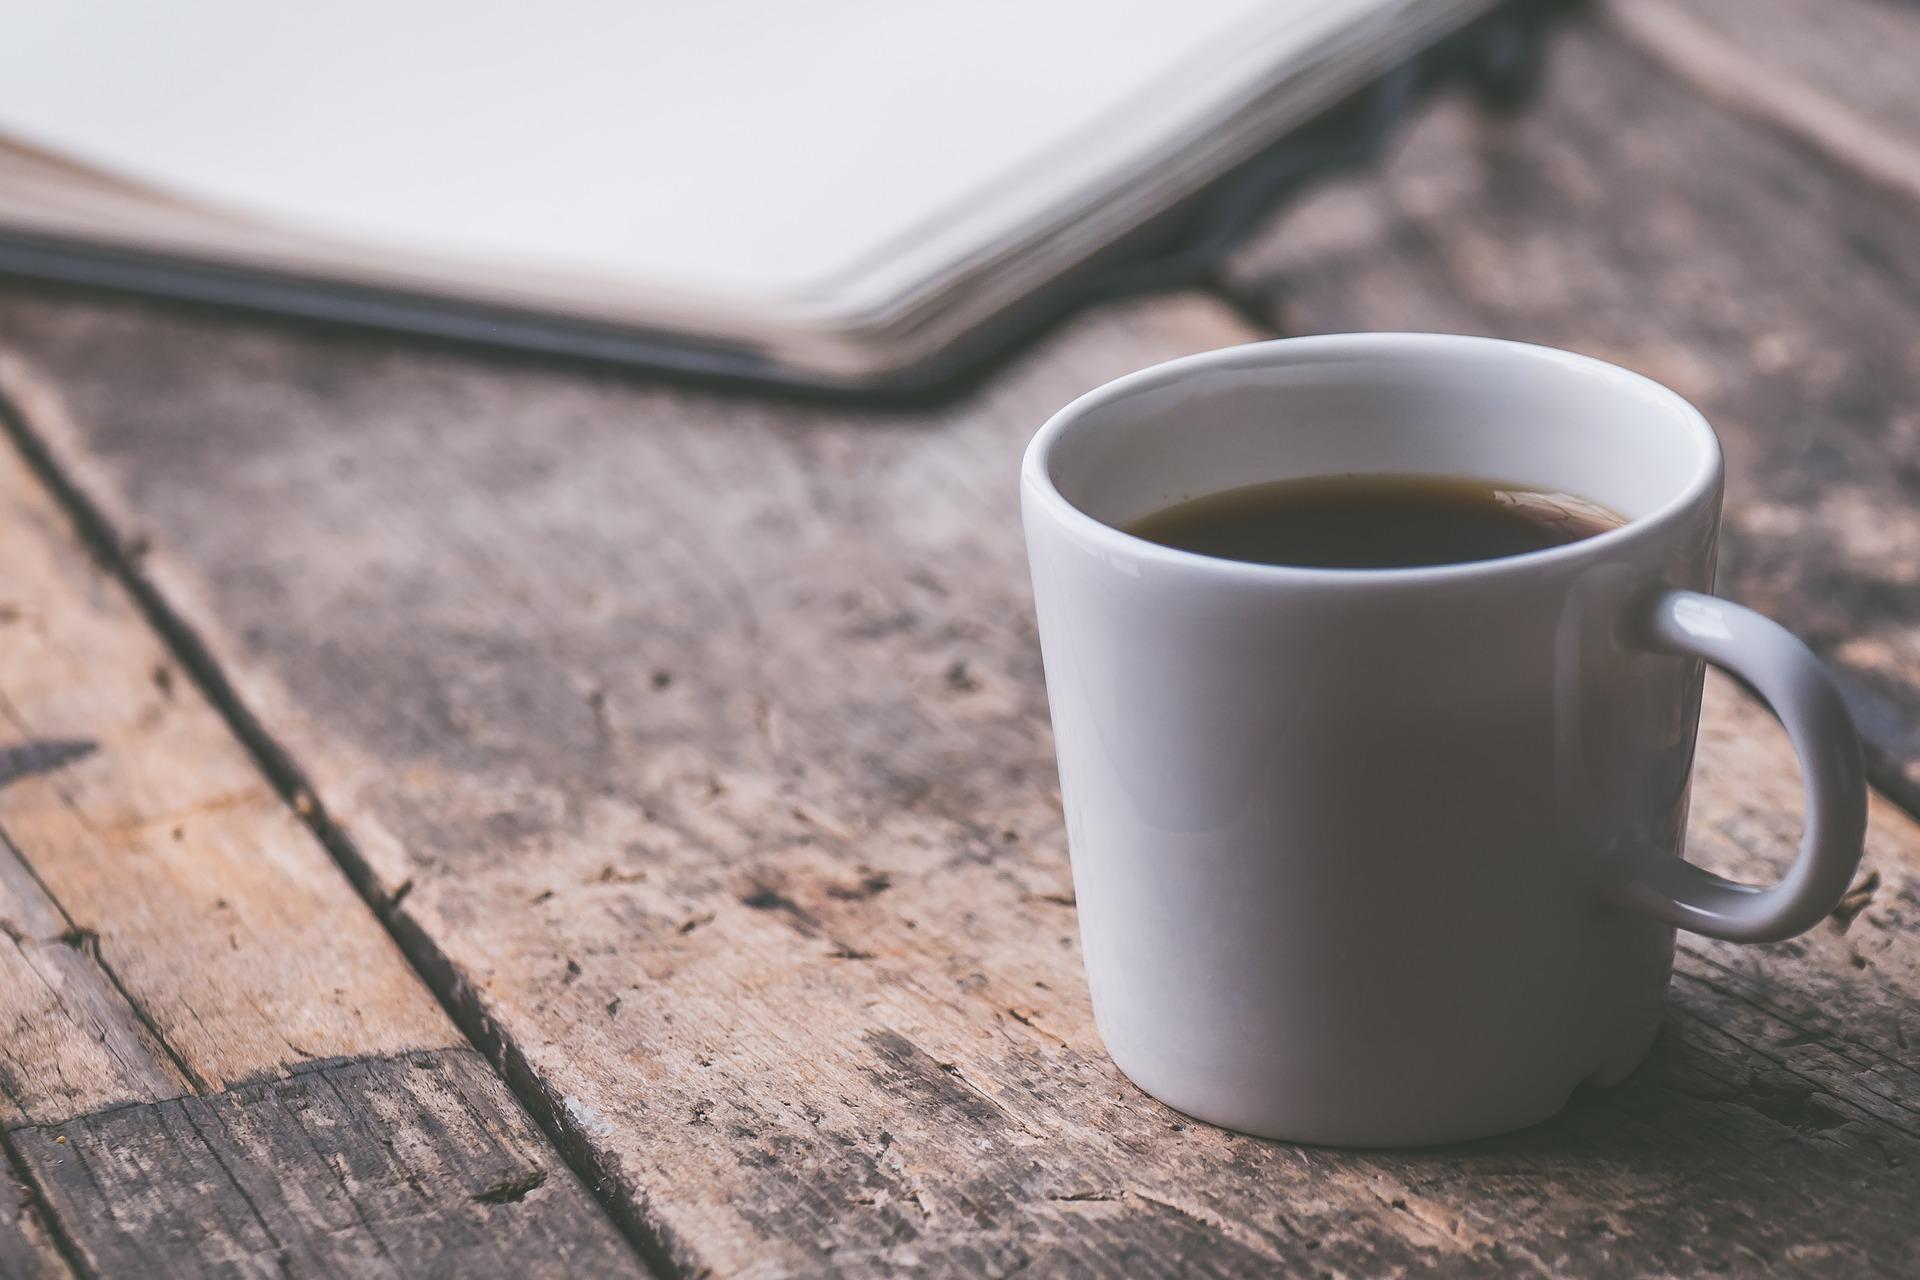 Tasse Kaffee und im Hintergrund ein Schreibblock auf Holztisch